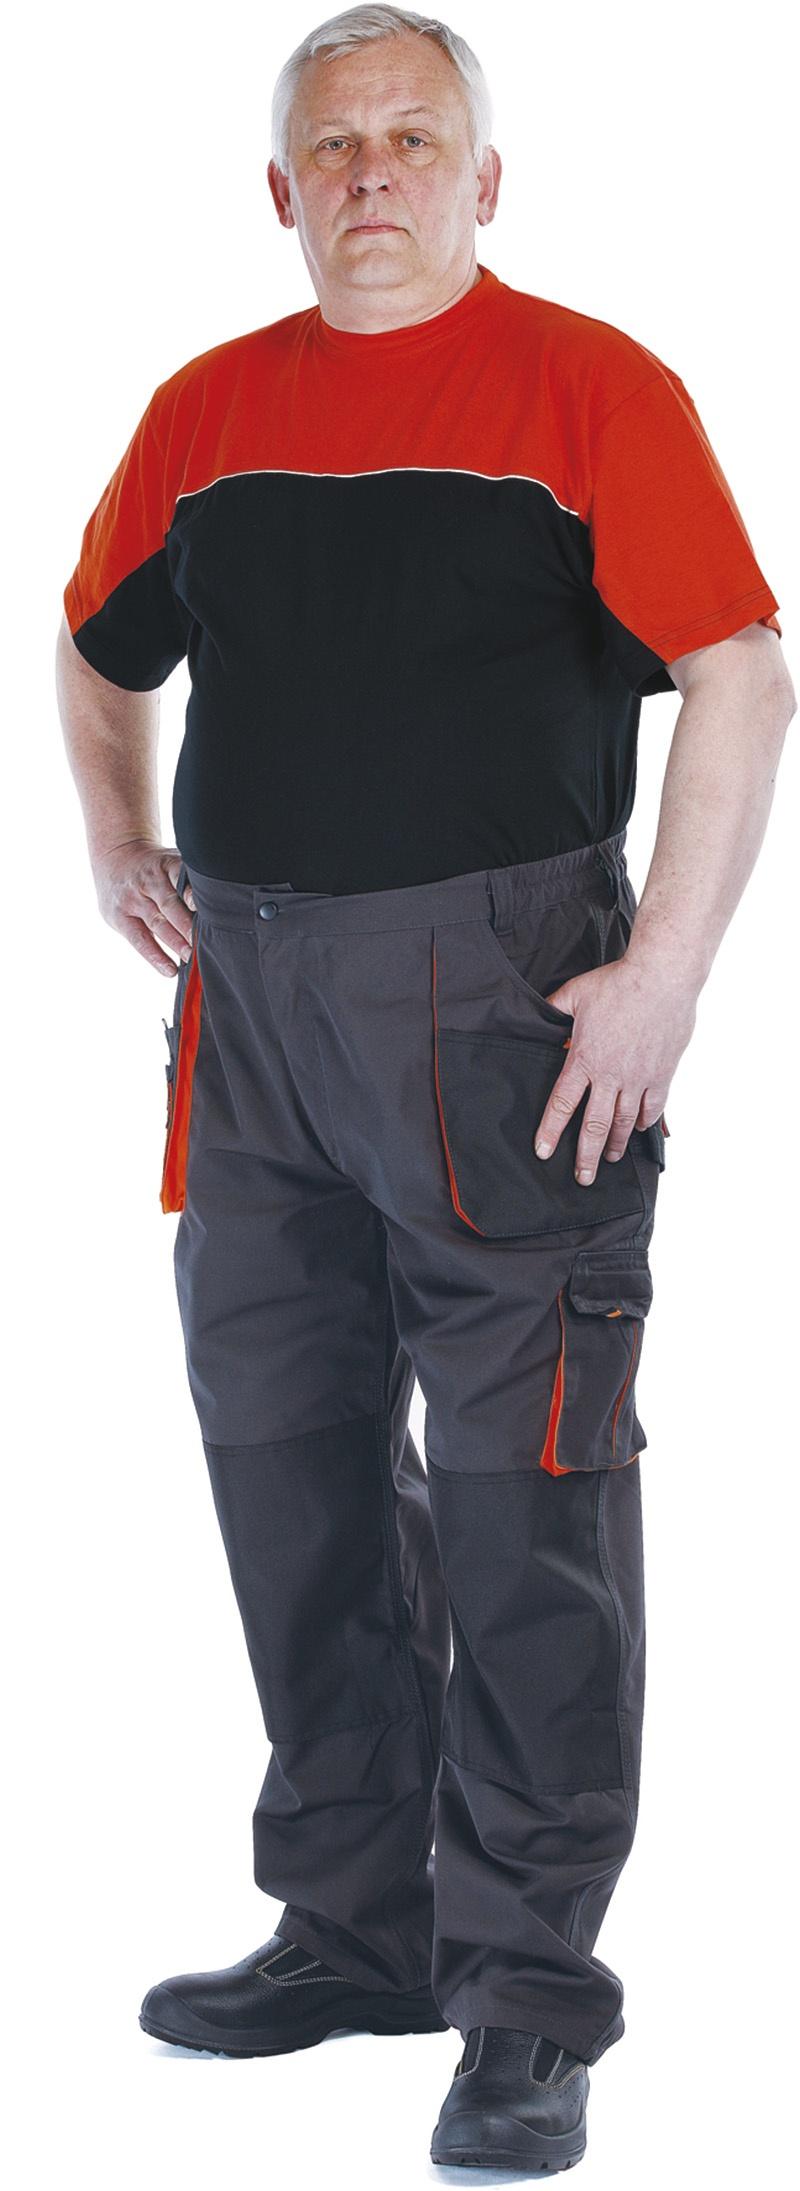 Spodnie Emerton, bawełna/poliester, rozm. 48, antracytowo-pomarańczowe, Spodnie, Ochrona indywidualna